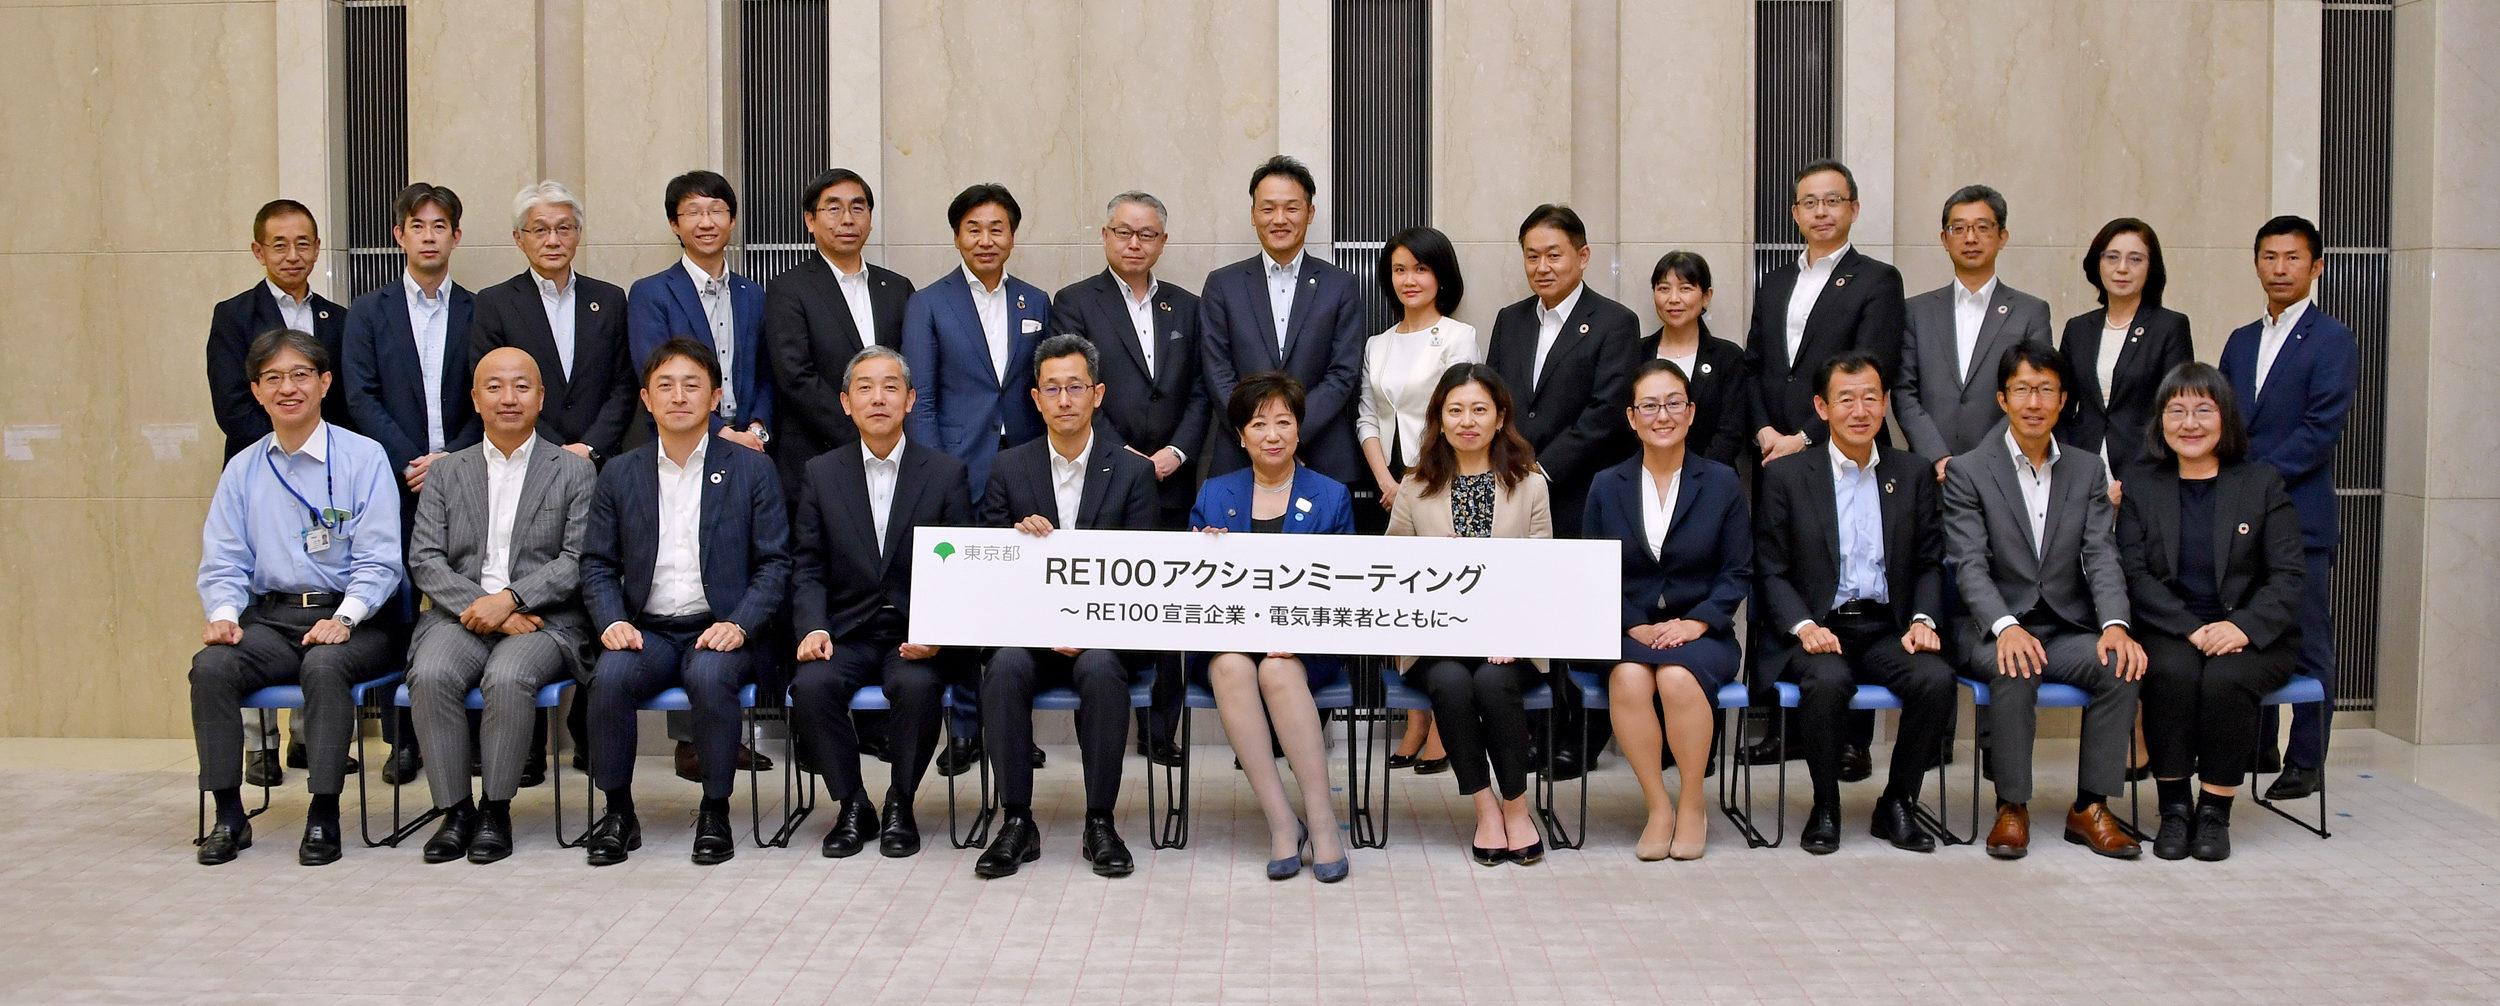 東京都環境局主催「RE100アクションミーティング」に参加しました